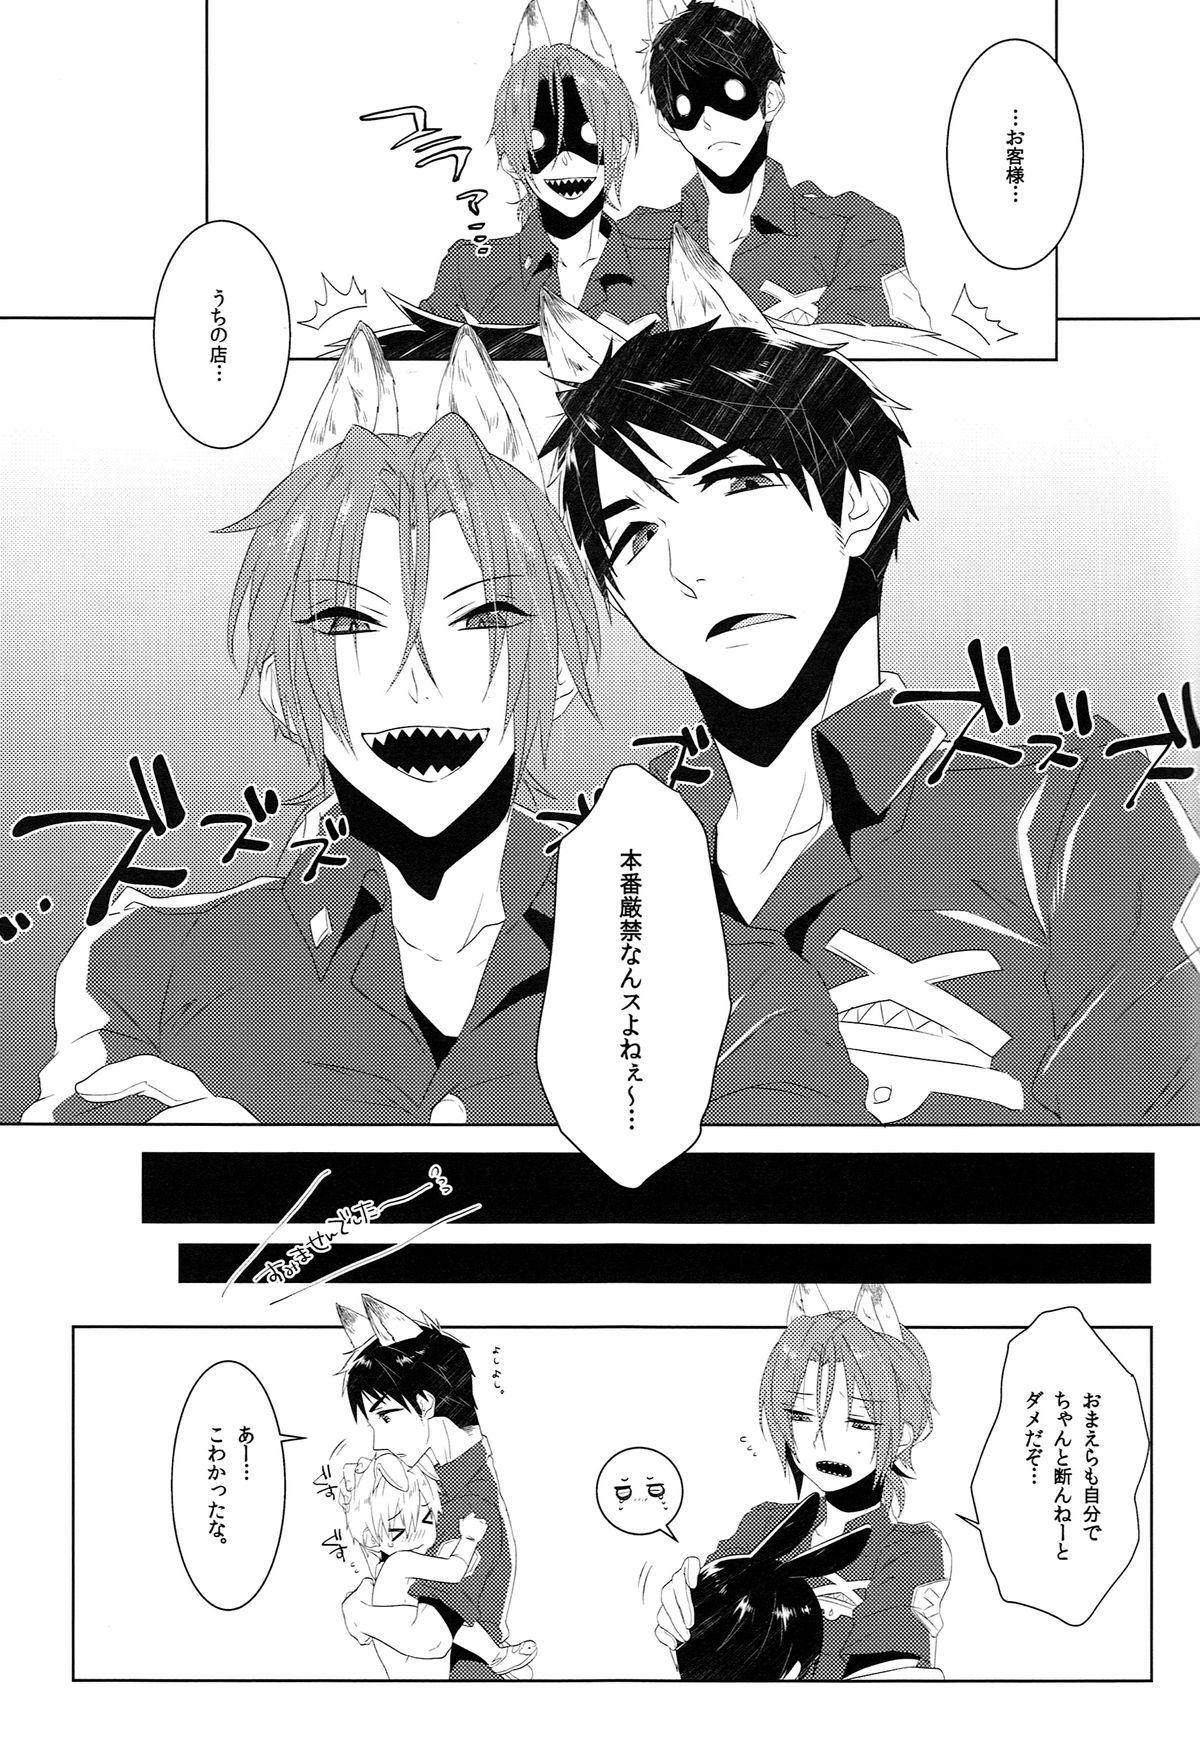 Gochuumon wa ○○○ desu ka? 19